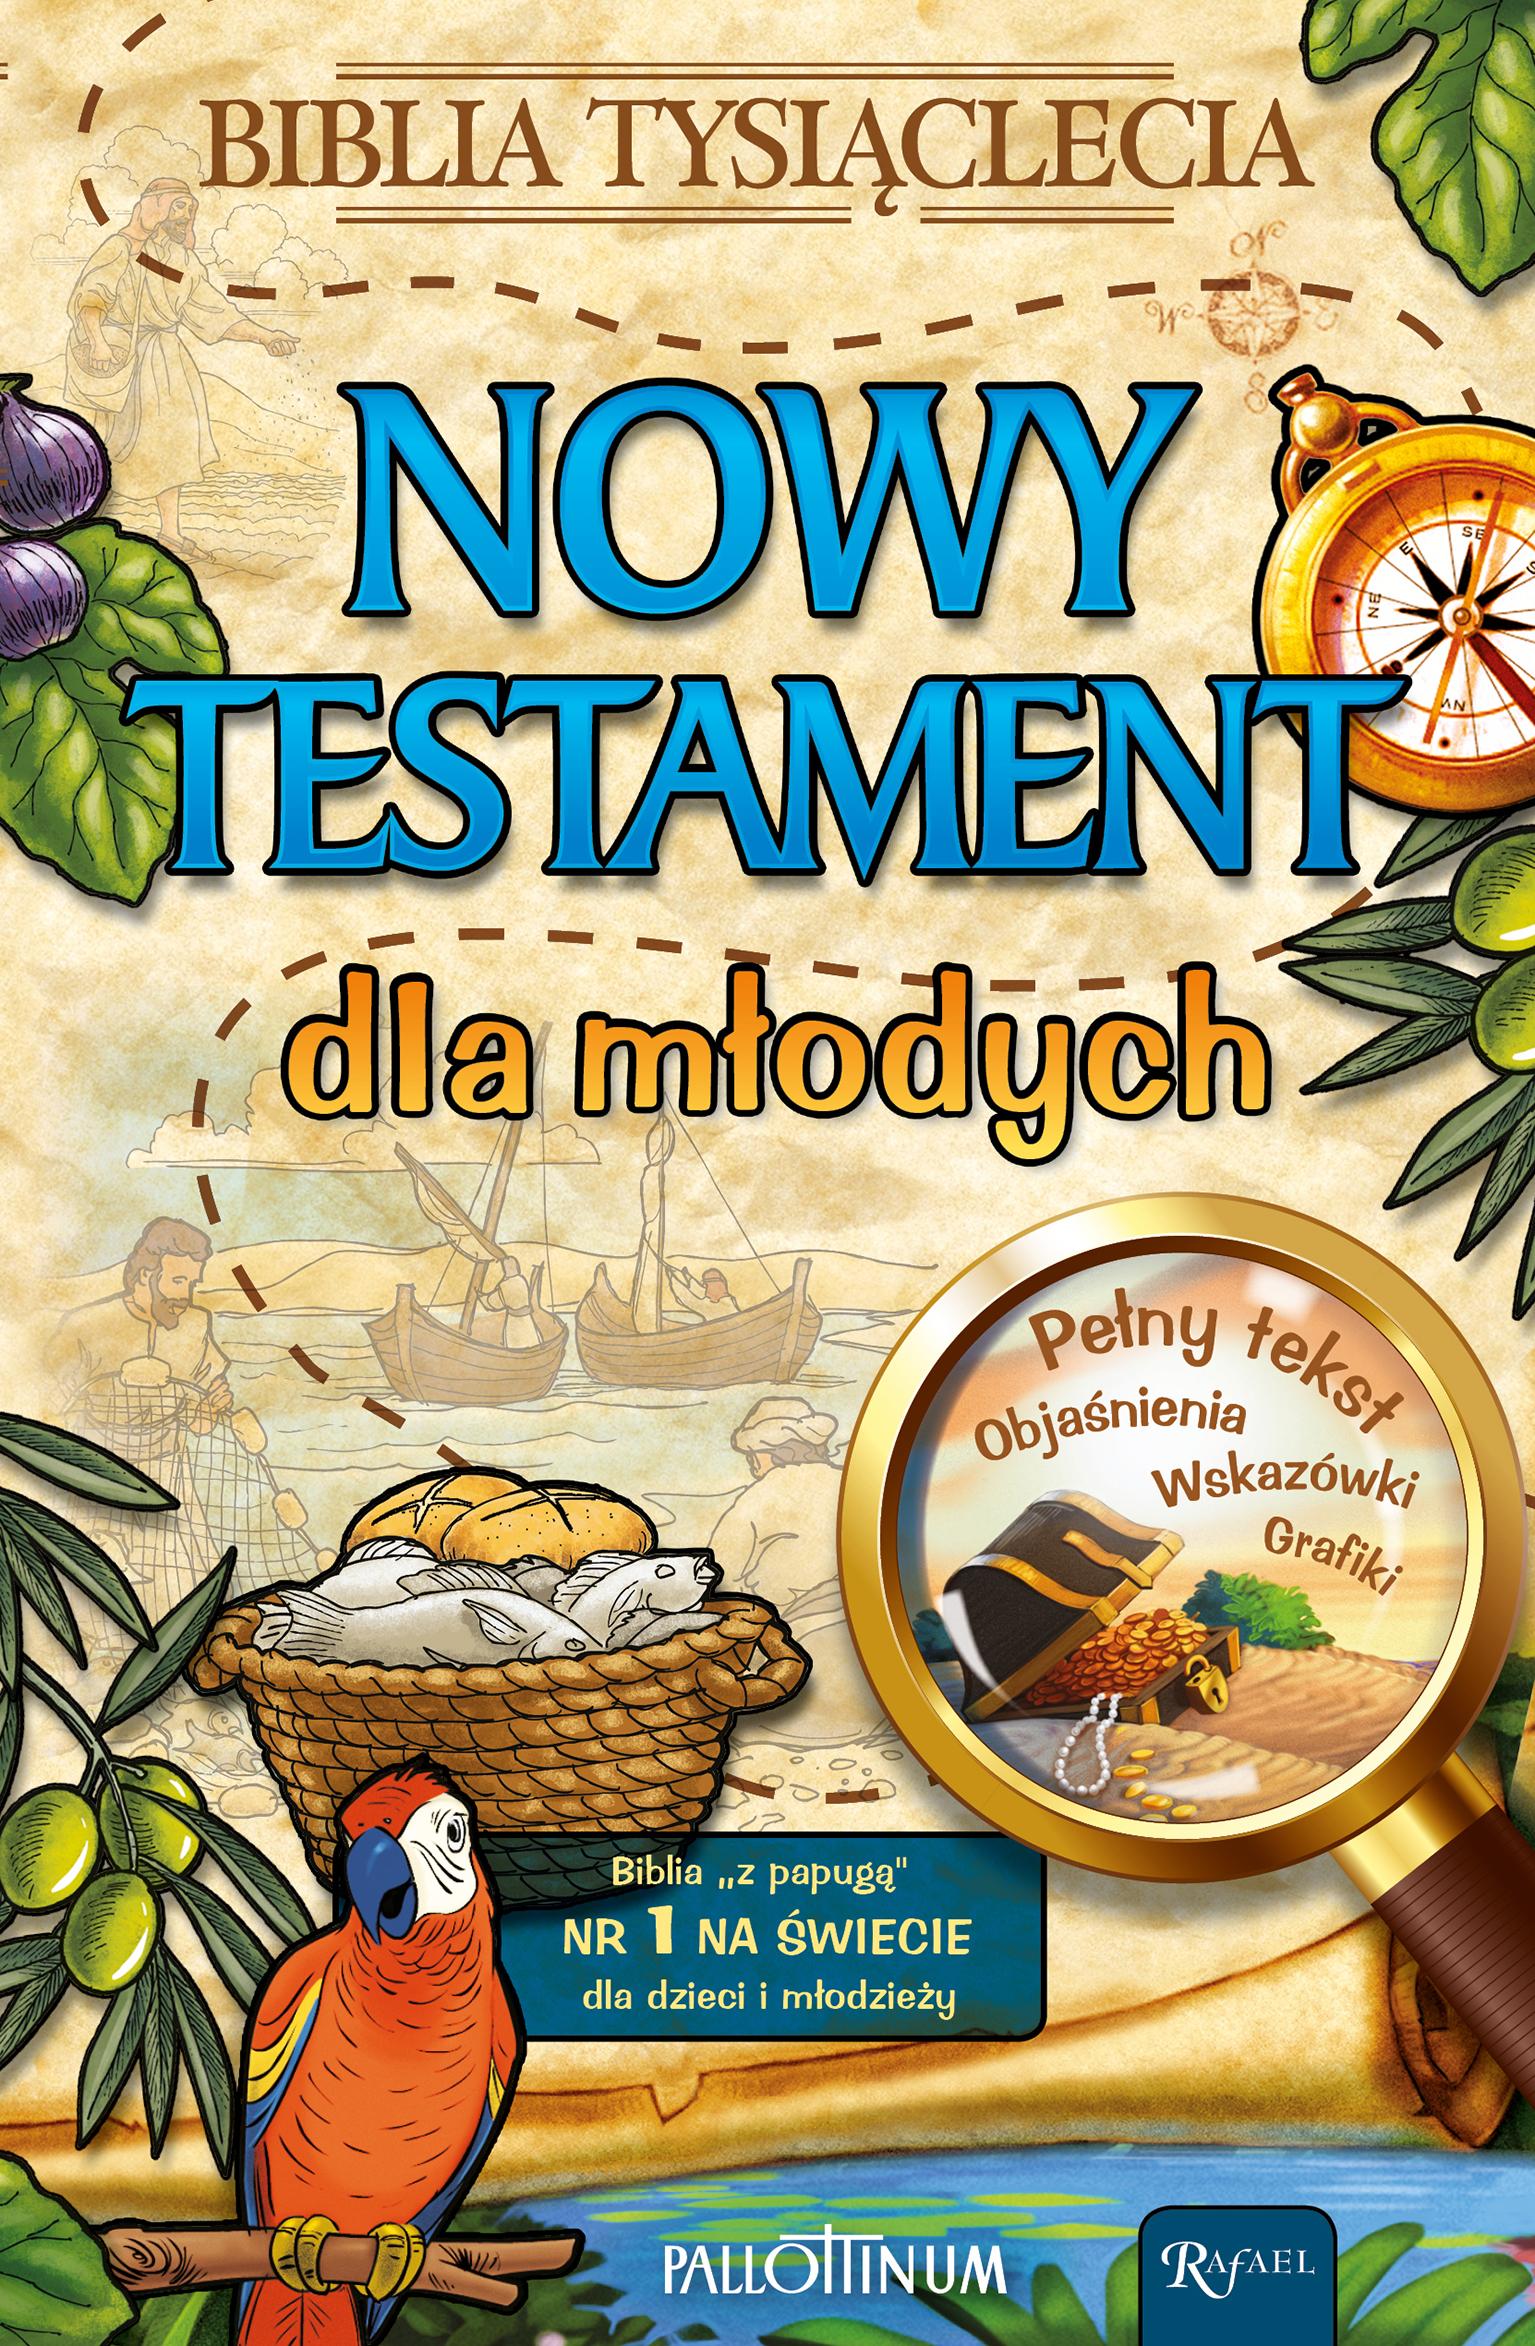 NOWY TESTAMENT DLA MŁODYCH BIBLIA TYSIĄCLECIA,